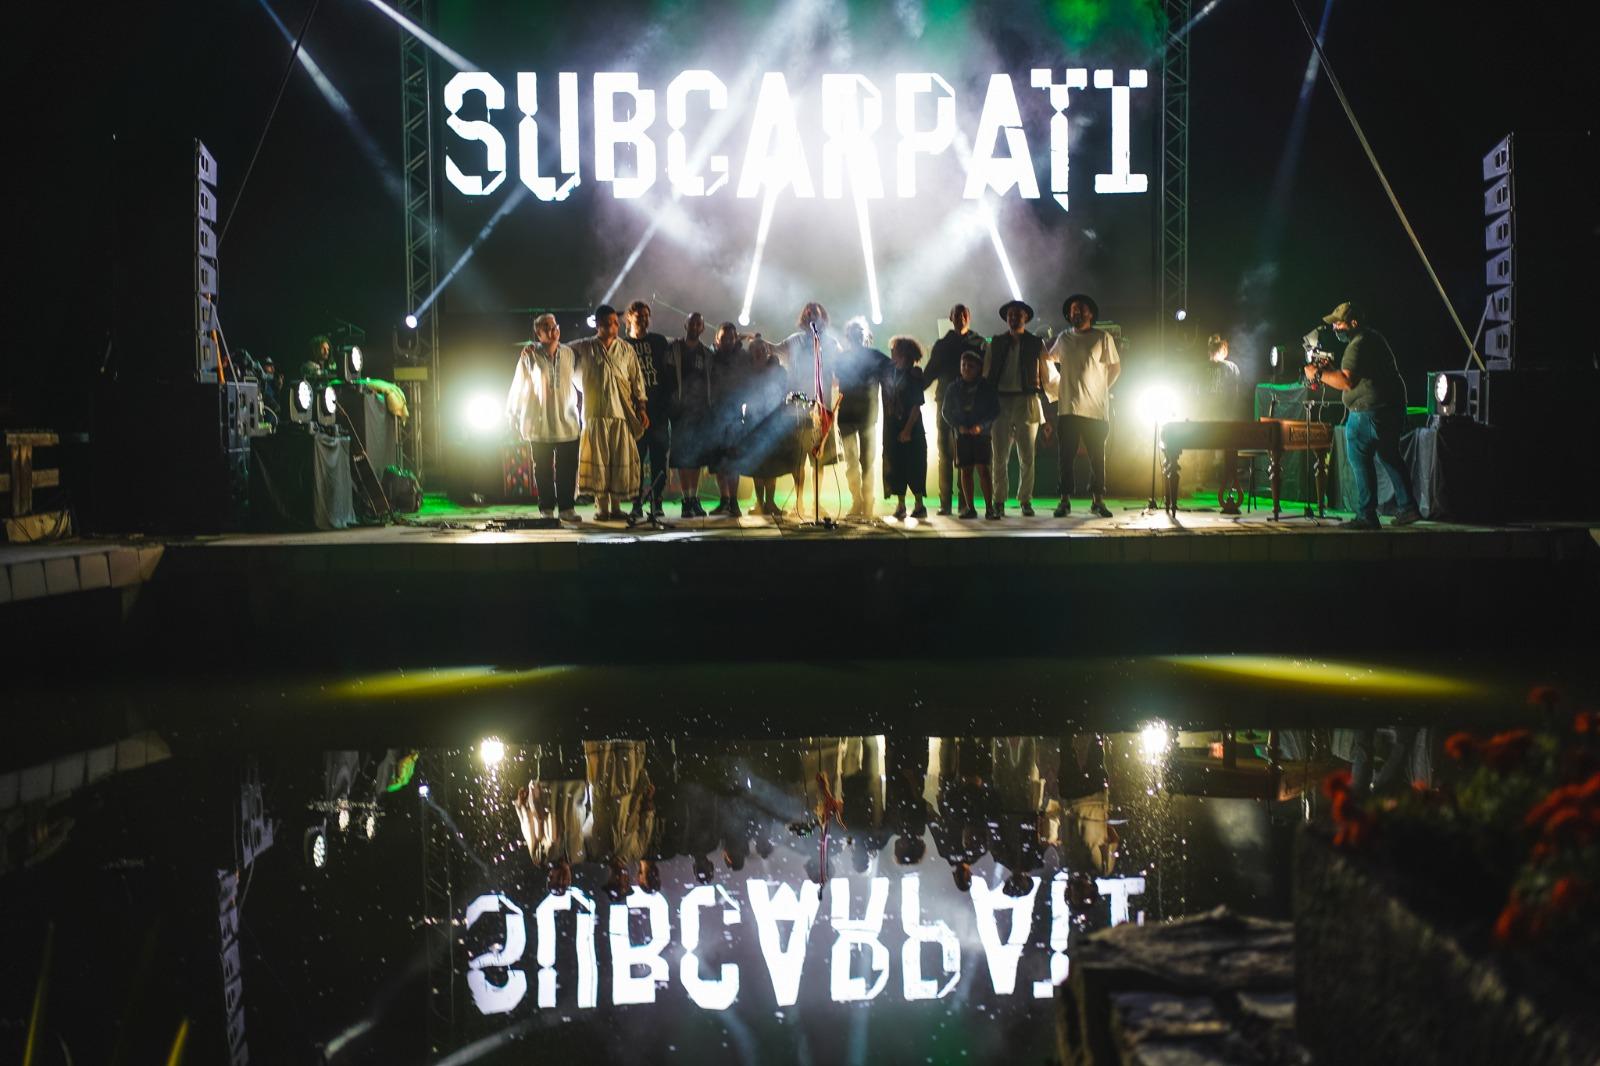 A început Astra Film Festival.  Publicul s-a bucurat responsabil aseară de un concert de nopți mari, marca Subcarpați